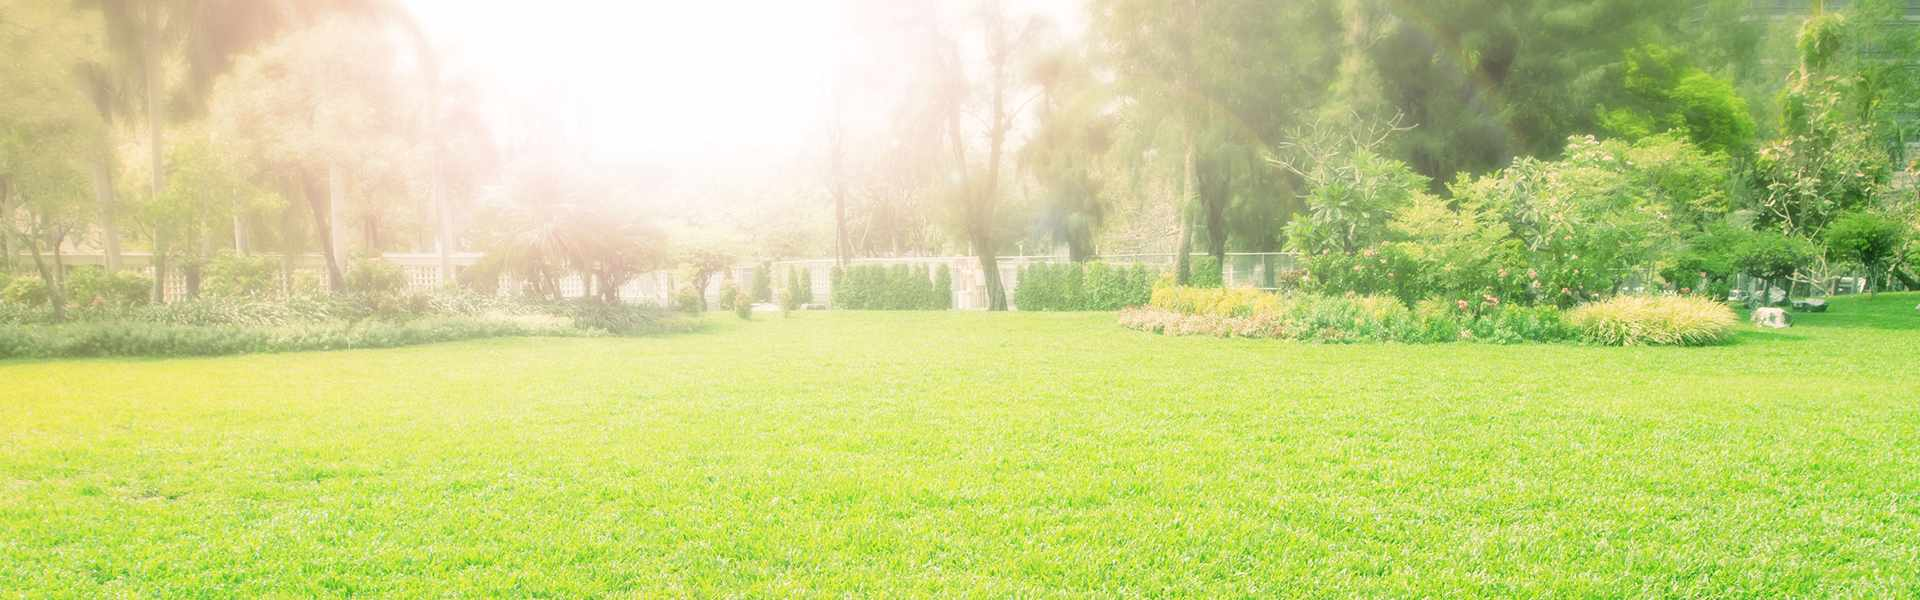 Ein Park mit schönem Rasen